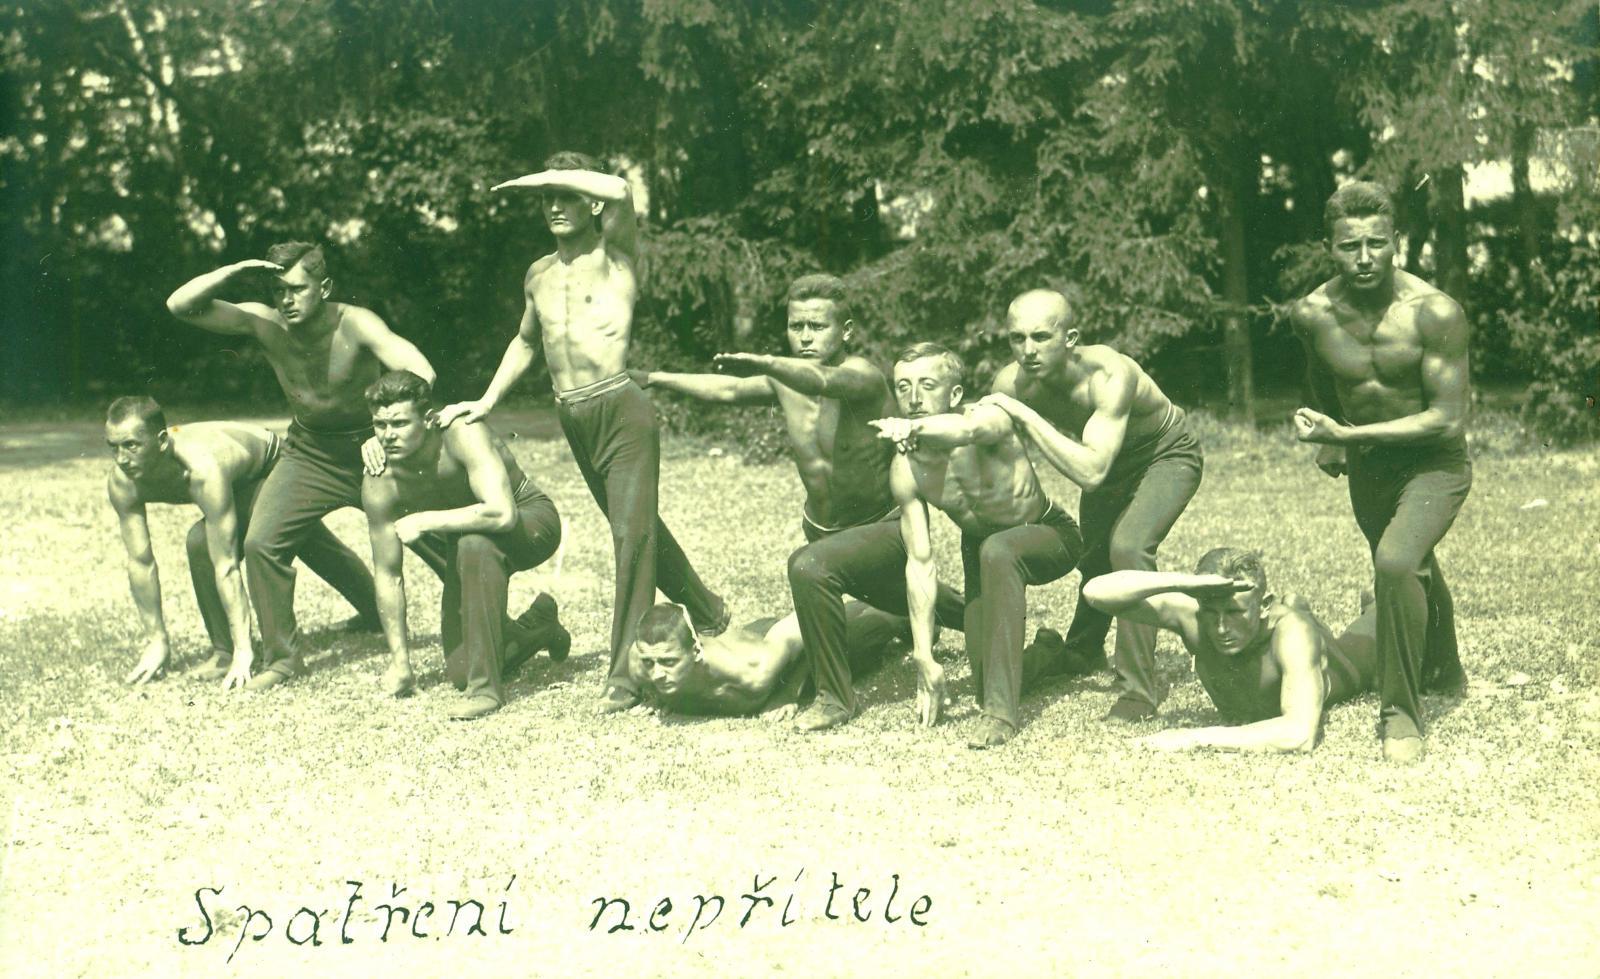 Českoslovenští legionáři v Rusku v roce 1919. Živé obrazy - Spatření nepřítele